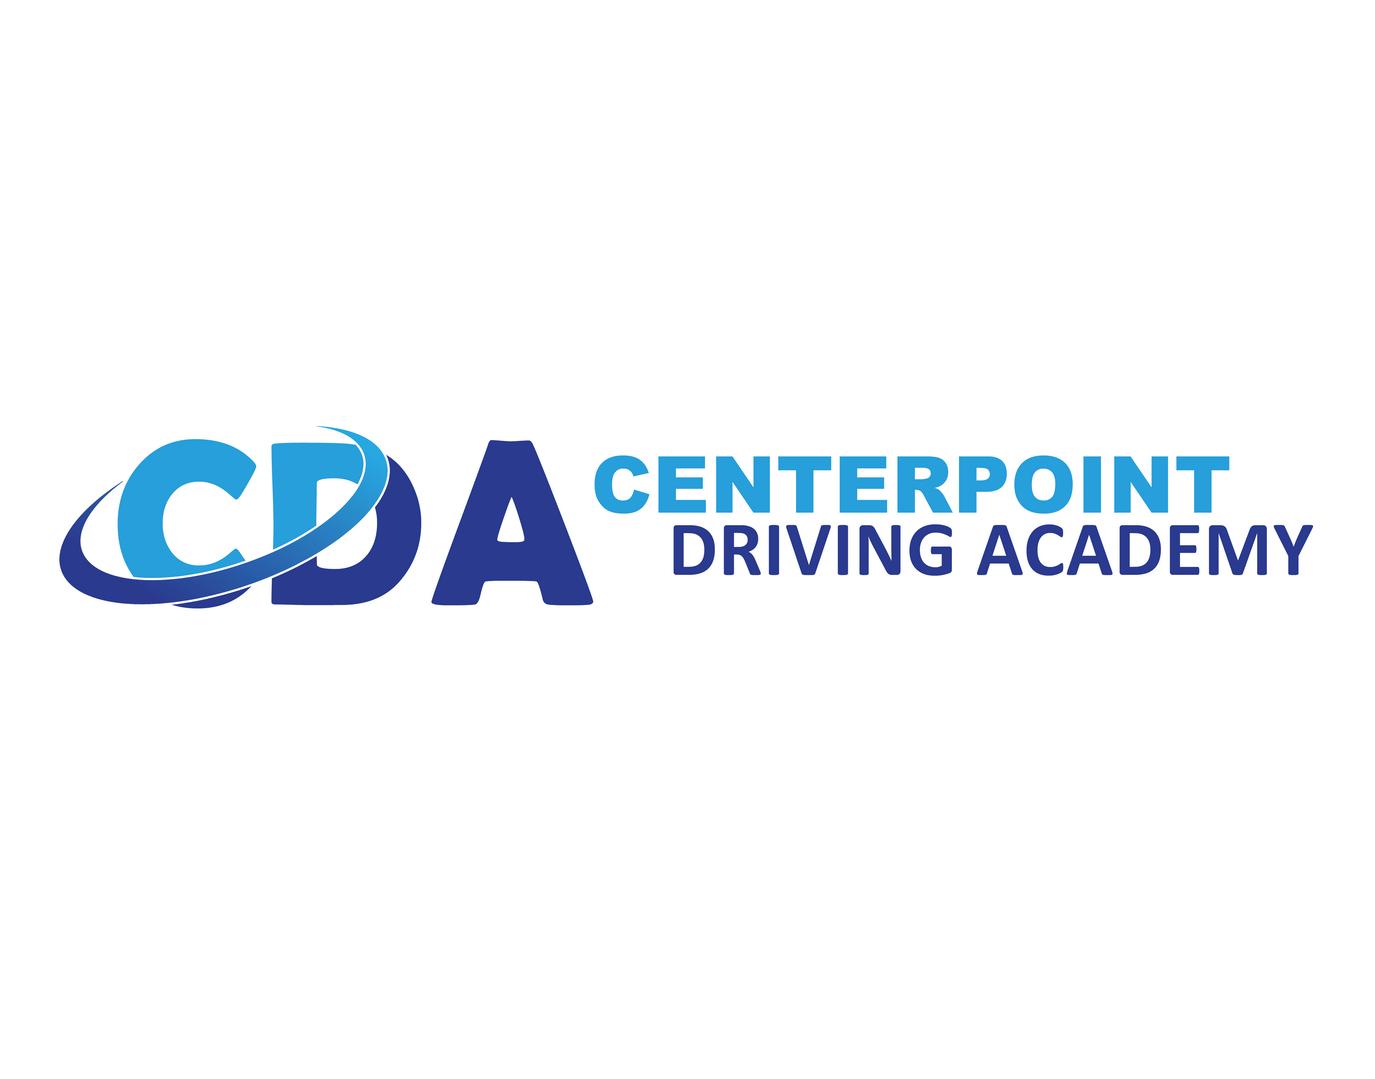 Academia de conducción Centerpoint